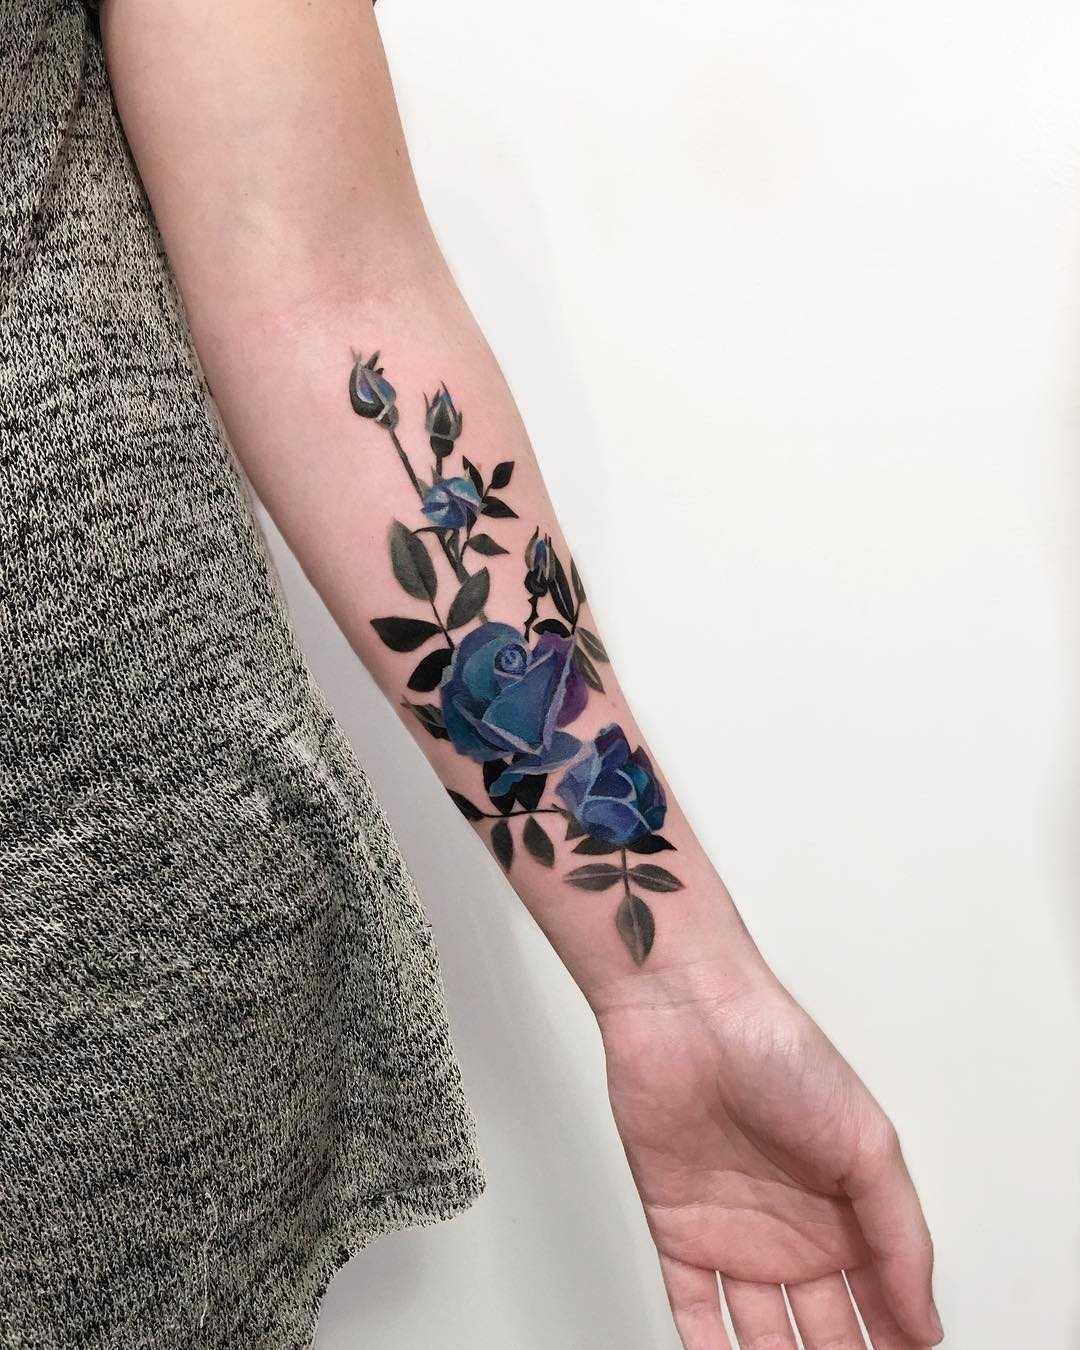 Tinted roses by Mavka Leesova